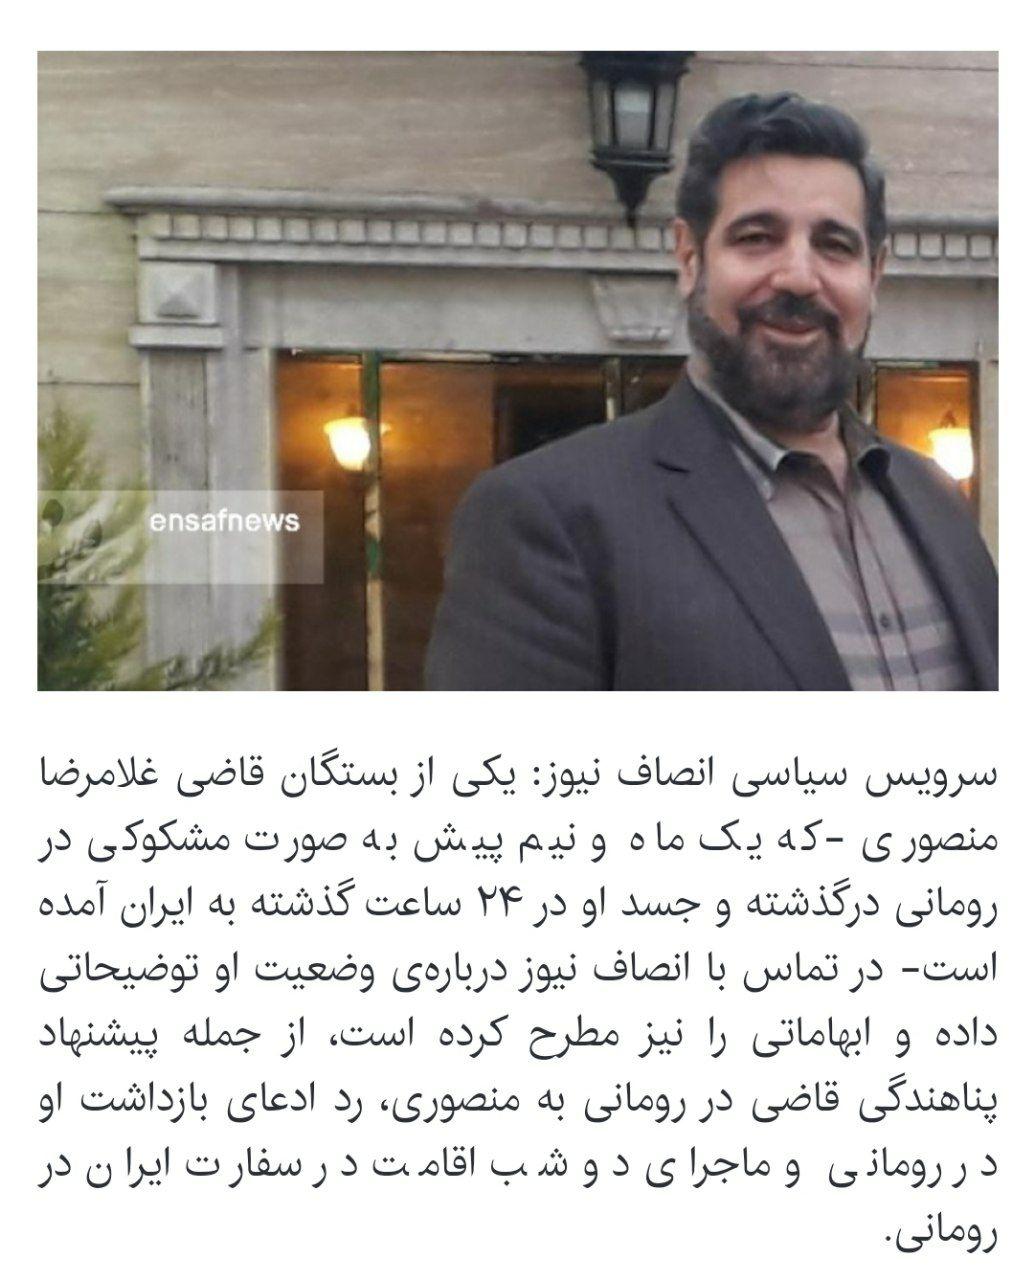 یکی از بستگان غلامرضا منصوری … 802354001595495405